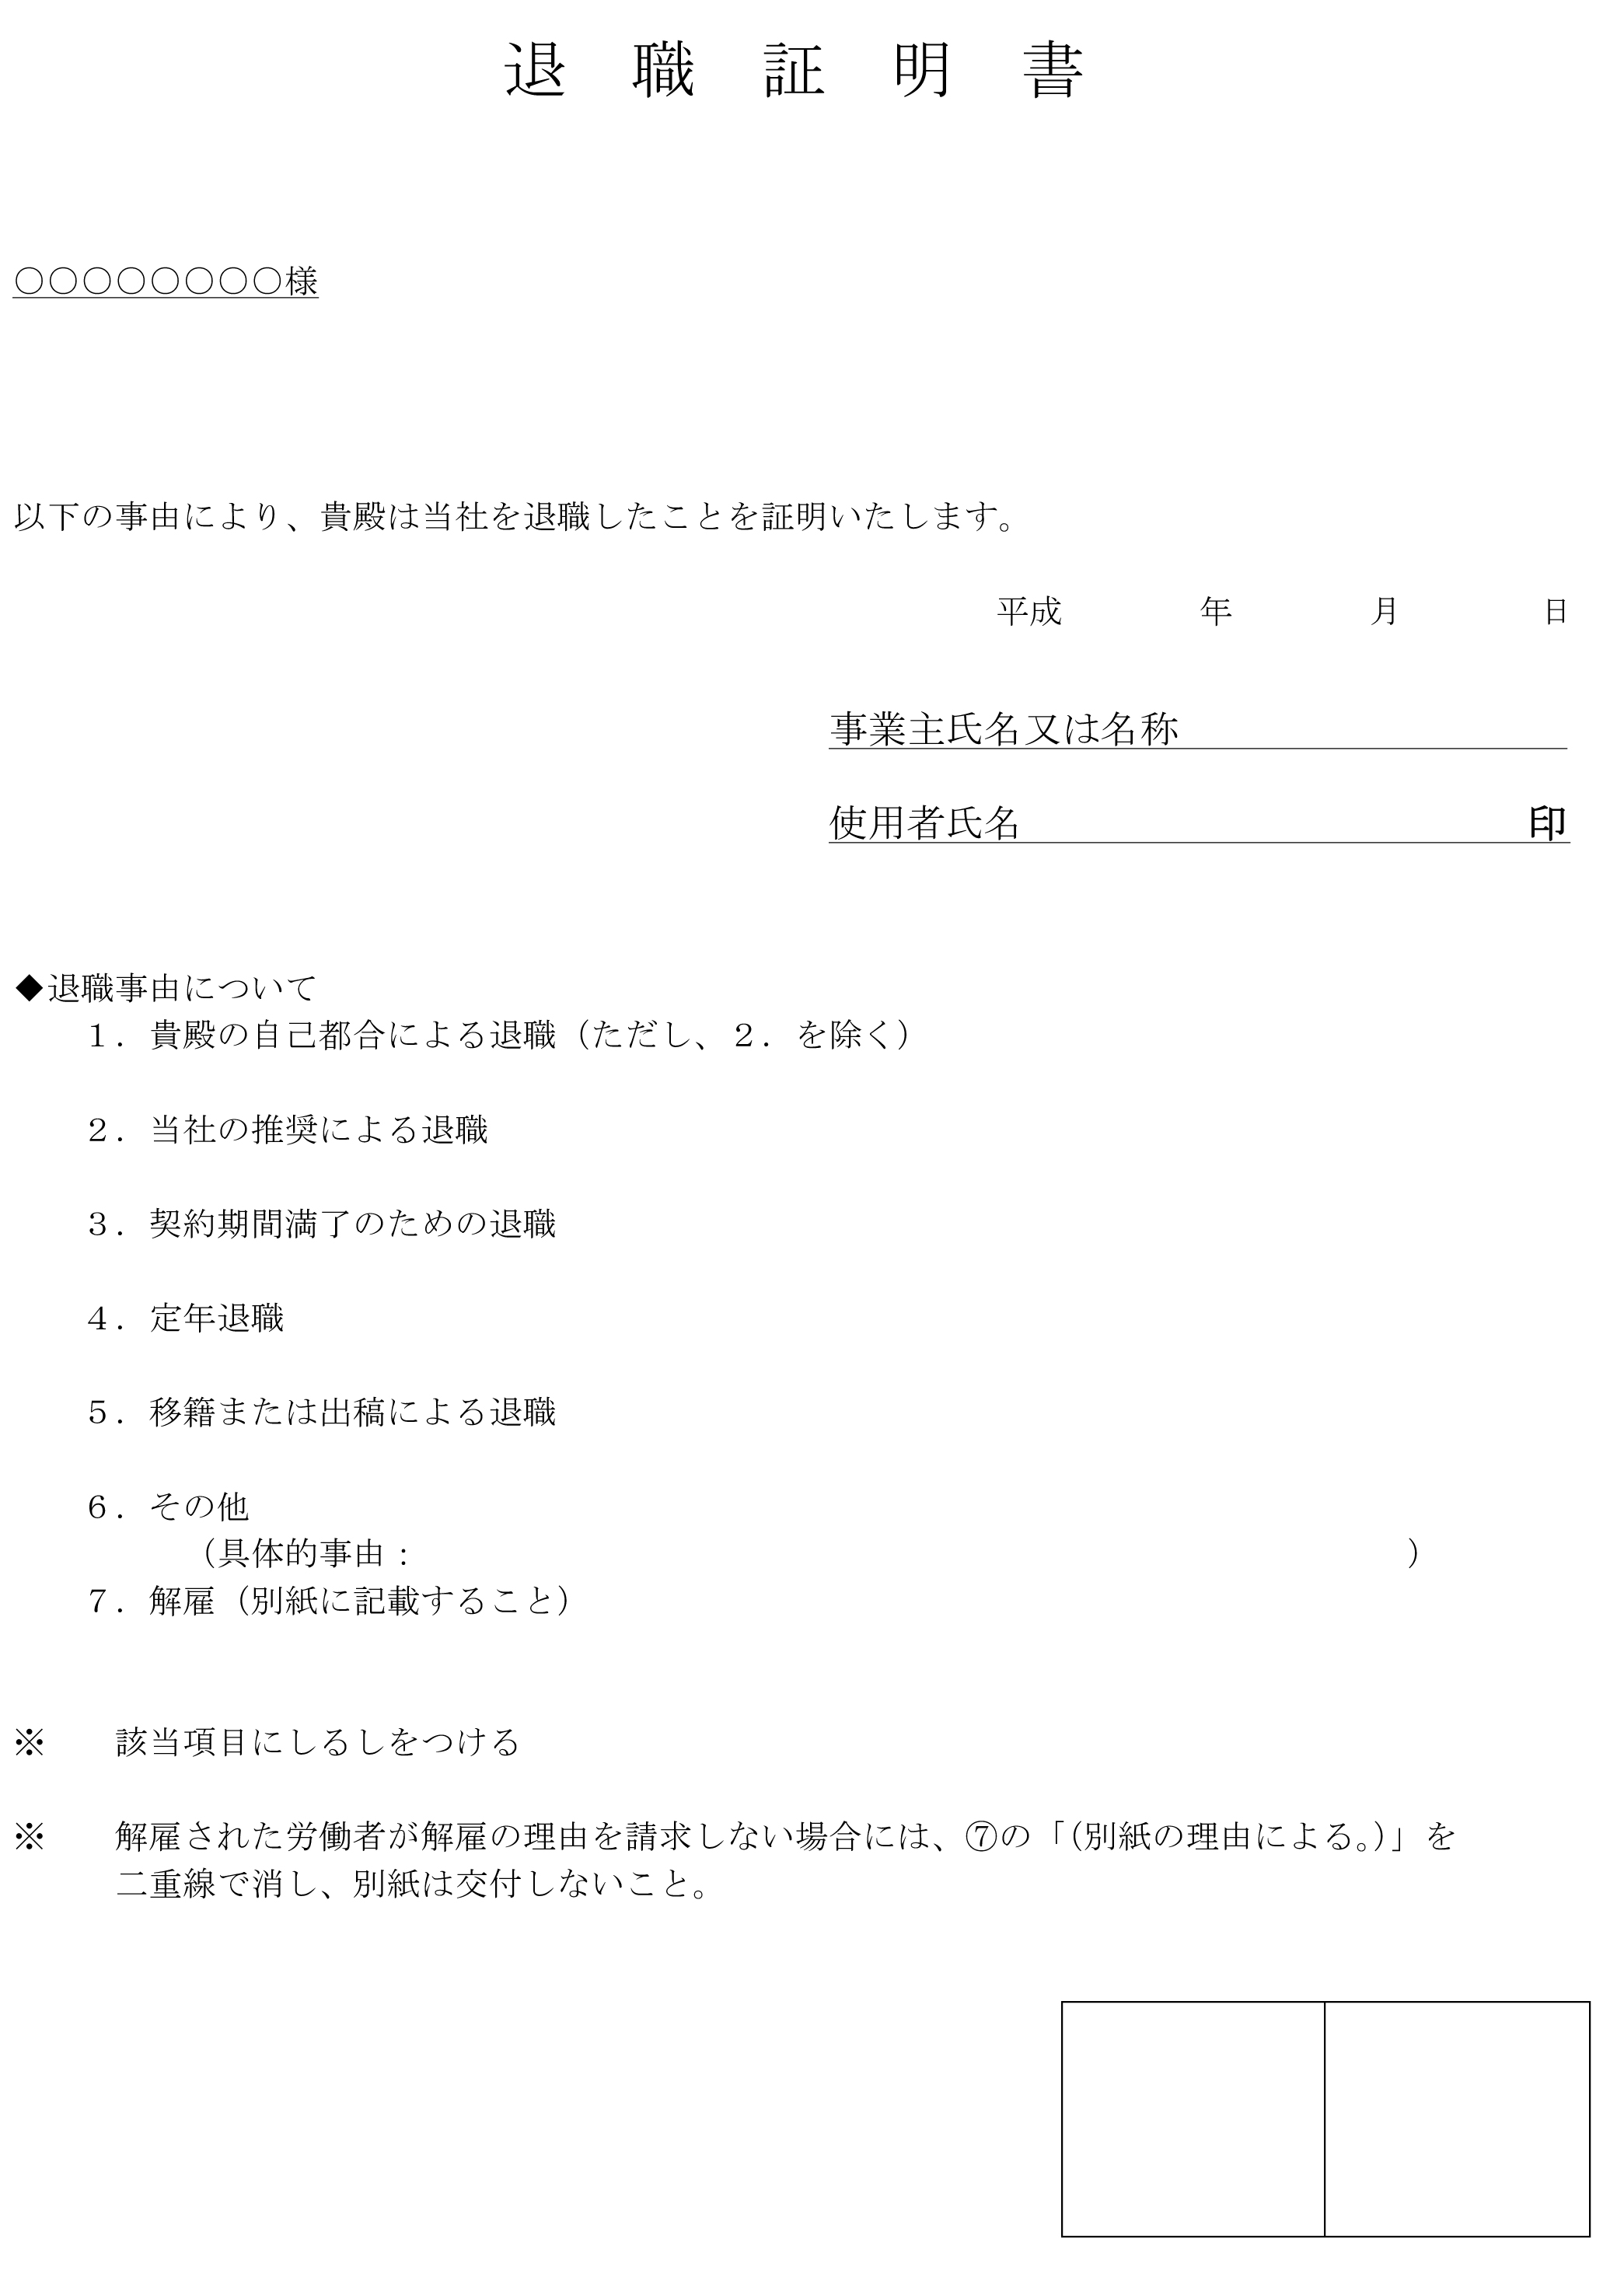 退職証明書11